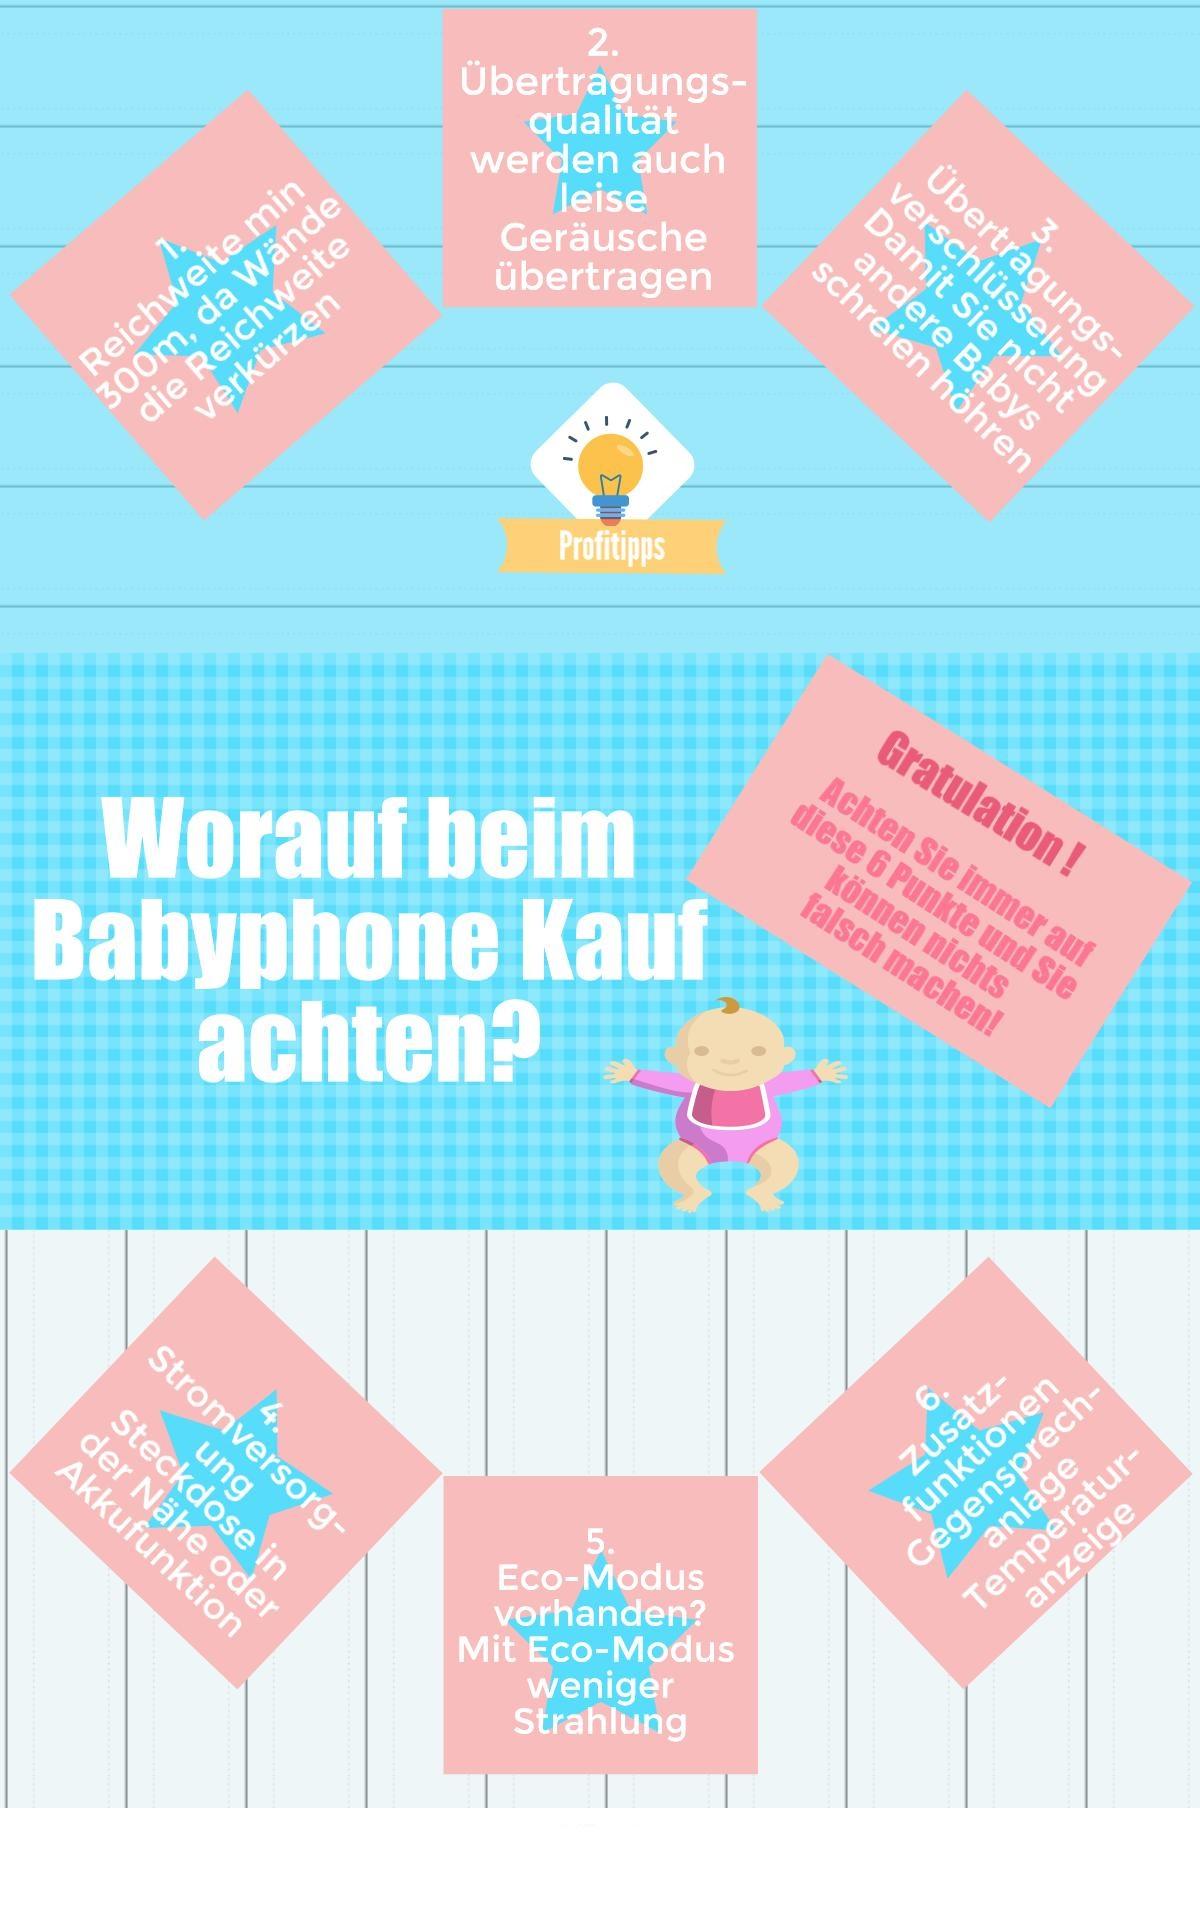 Wie finde ich das richtige Babyphone?